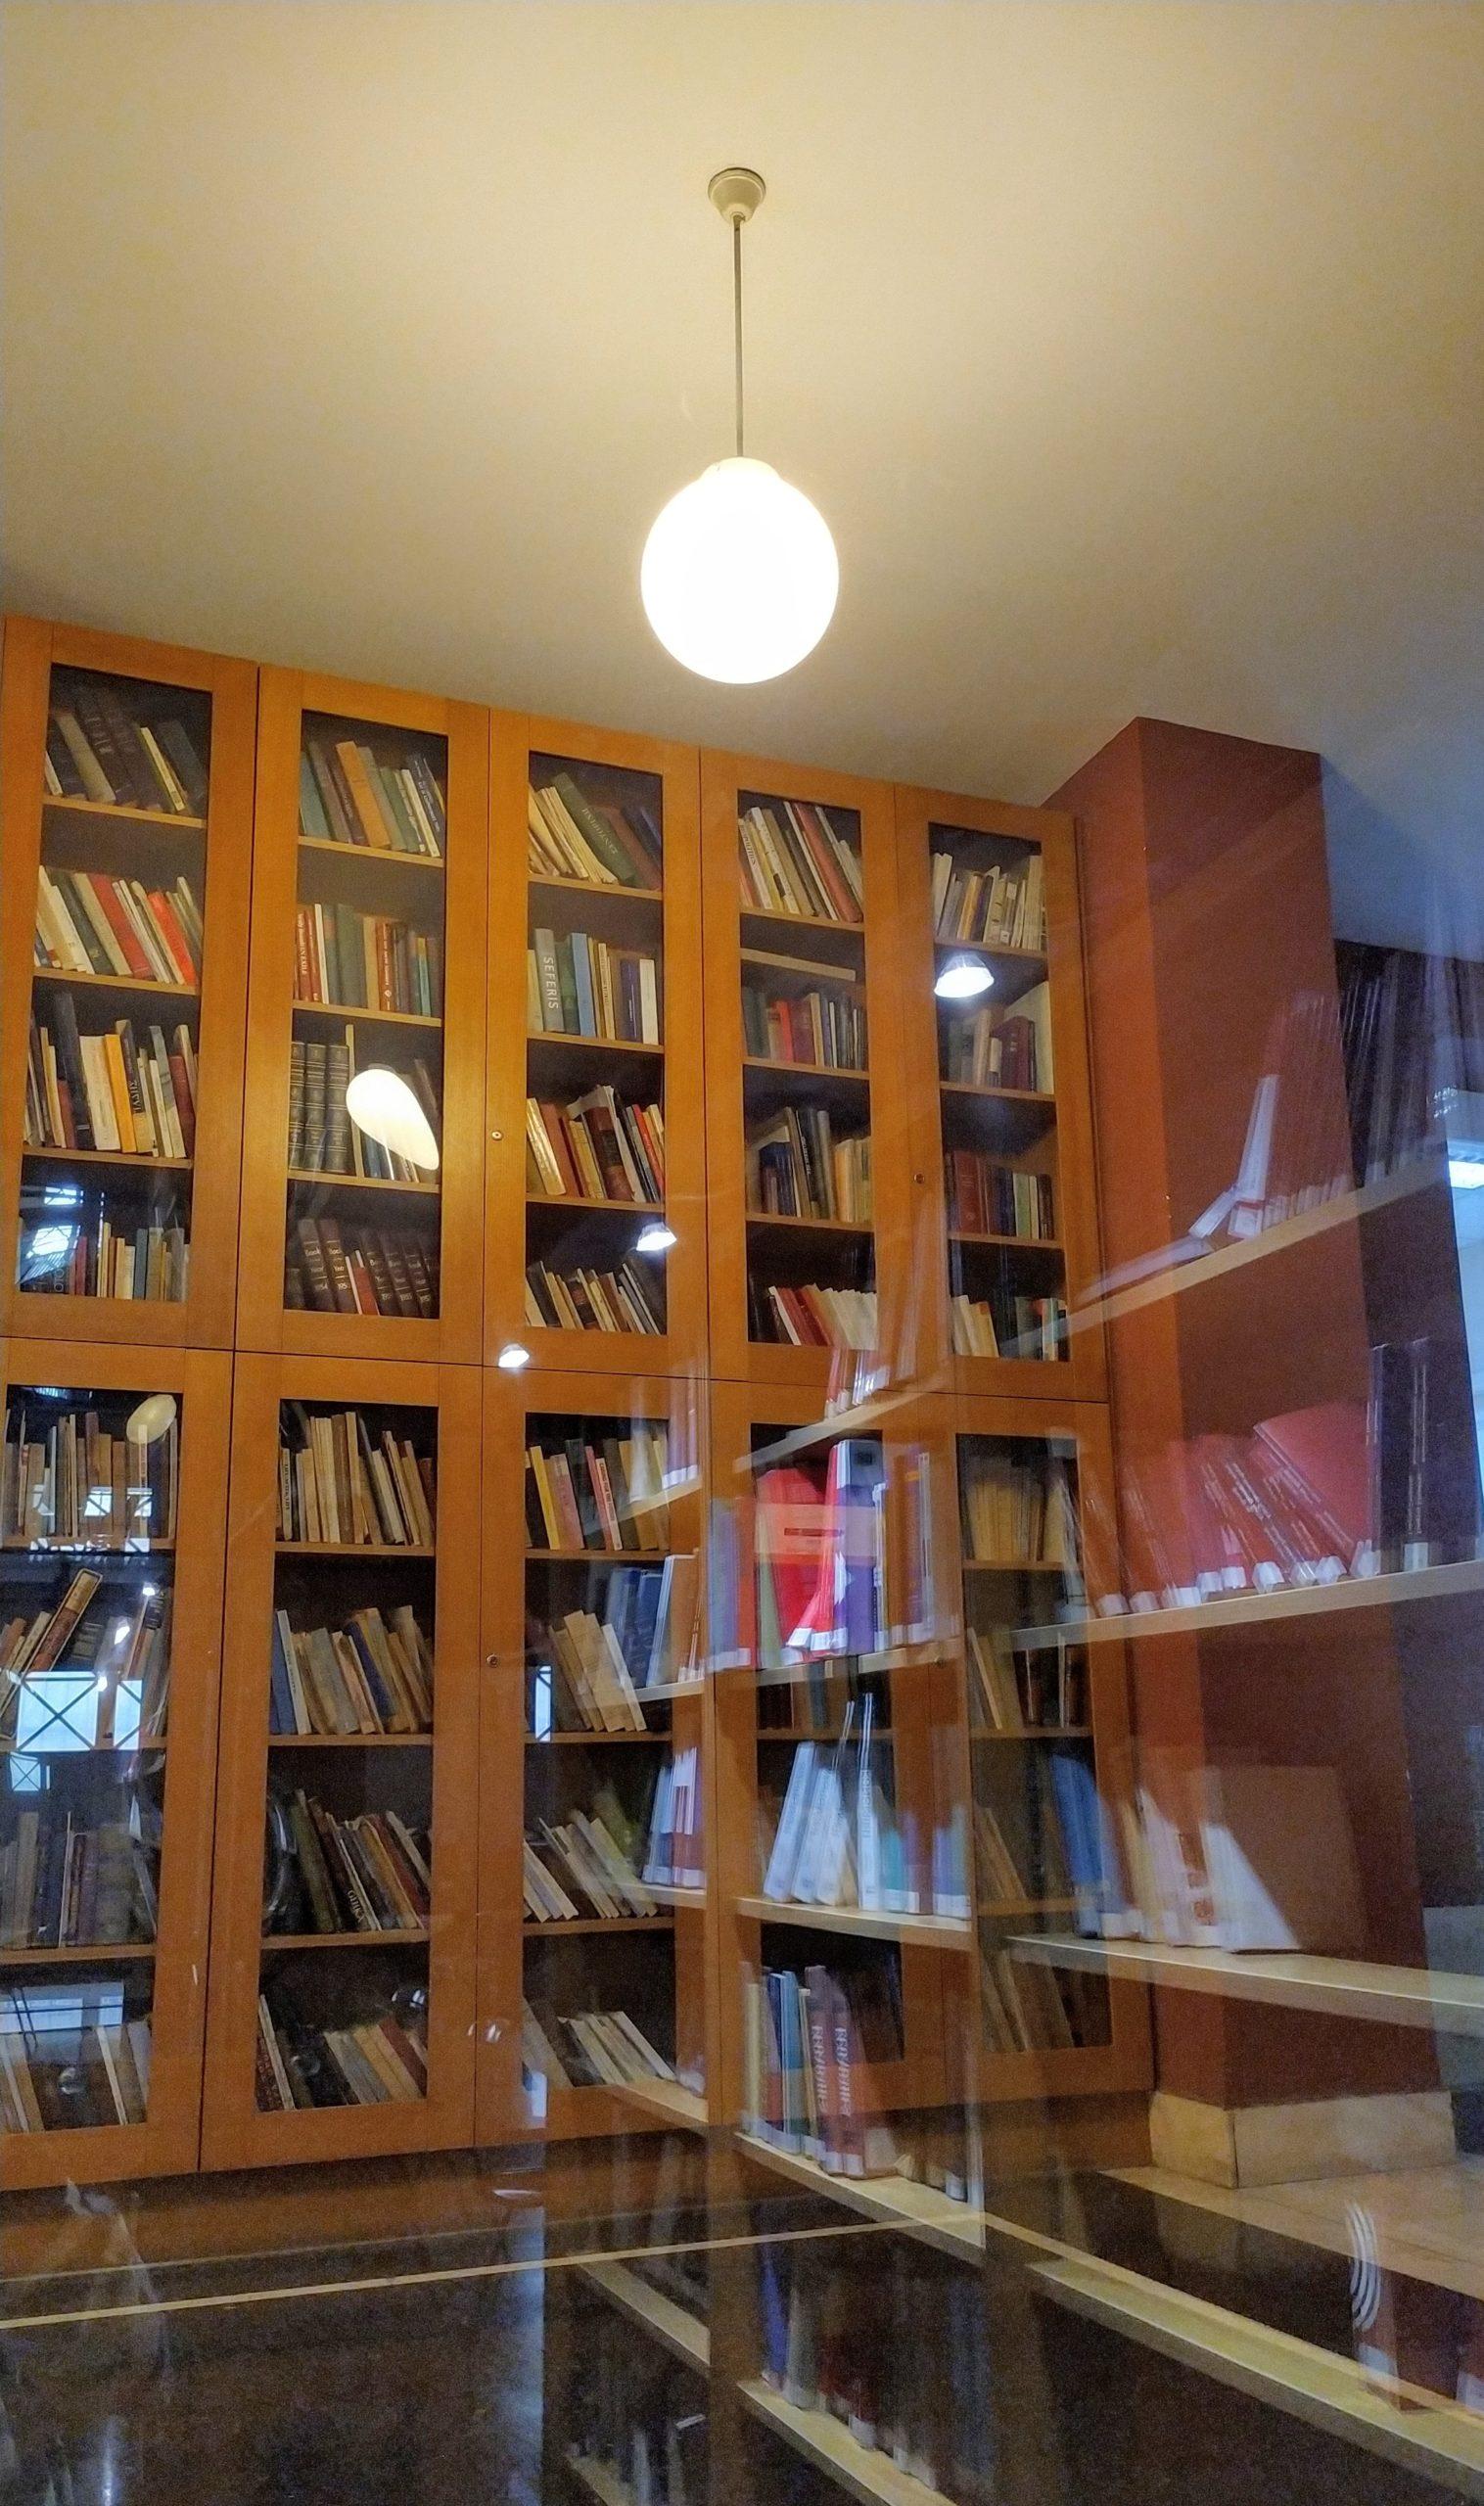 Δανεισμός βιβλίων με ραντεβού